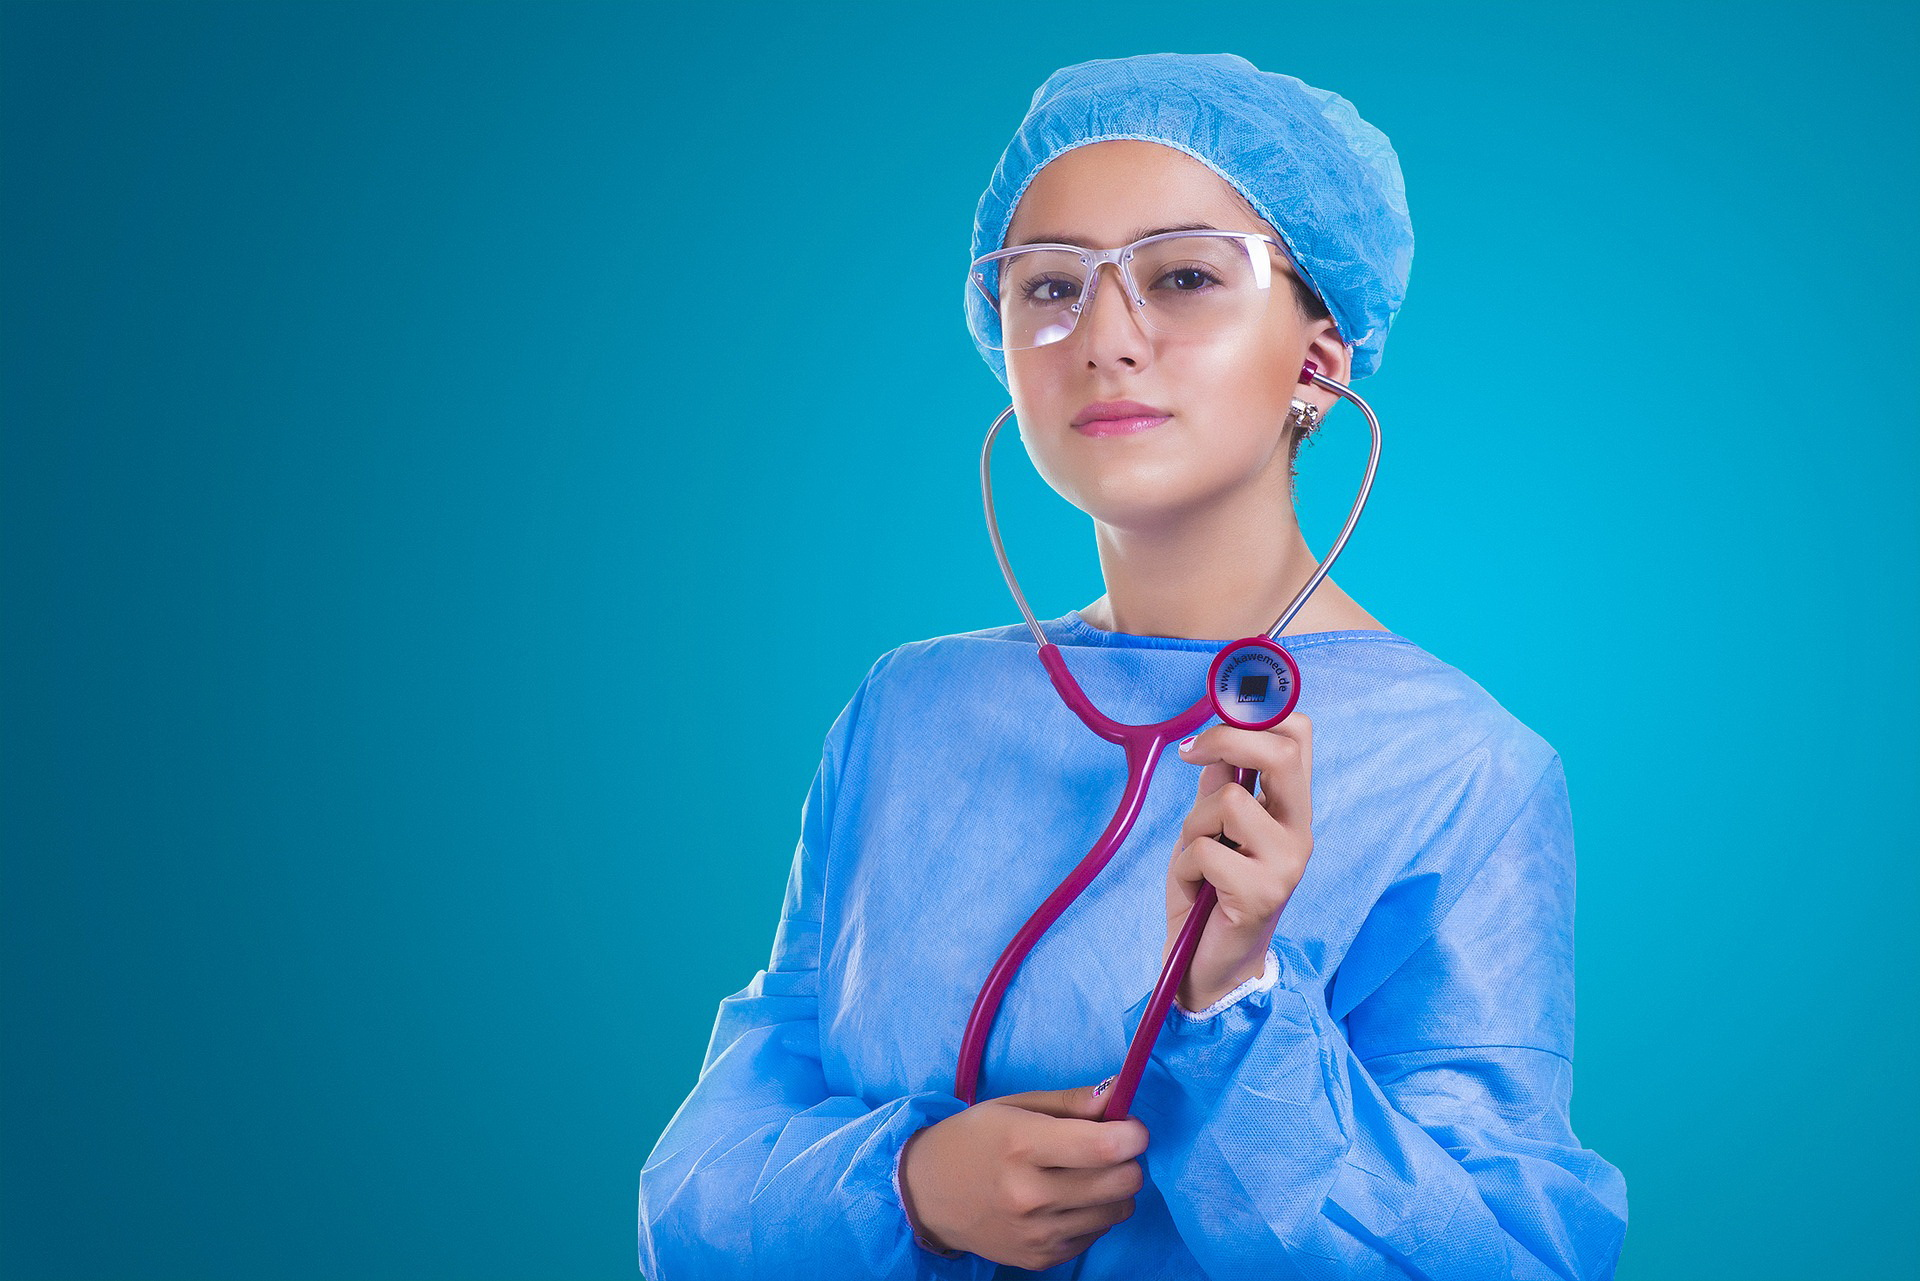 zagadki dla dzieci o zawodach lekarz